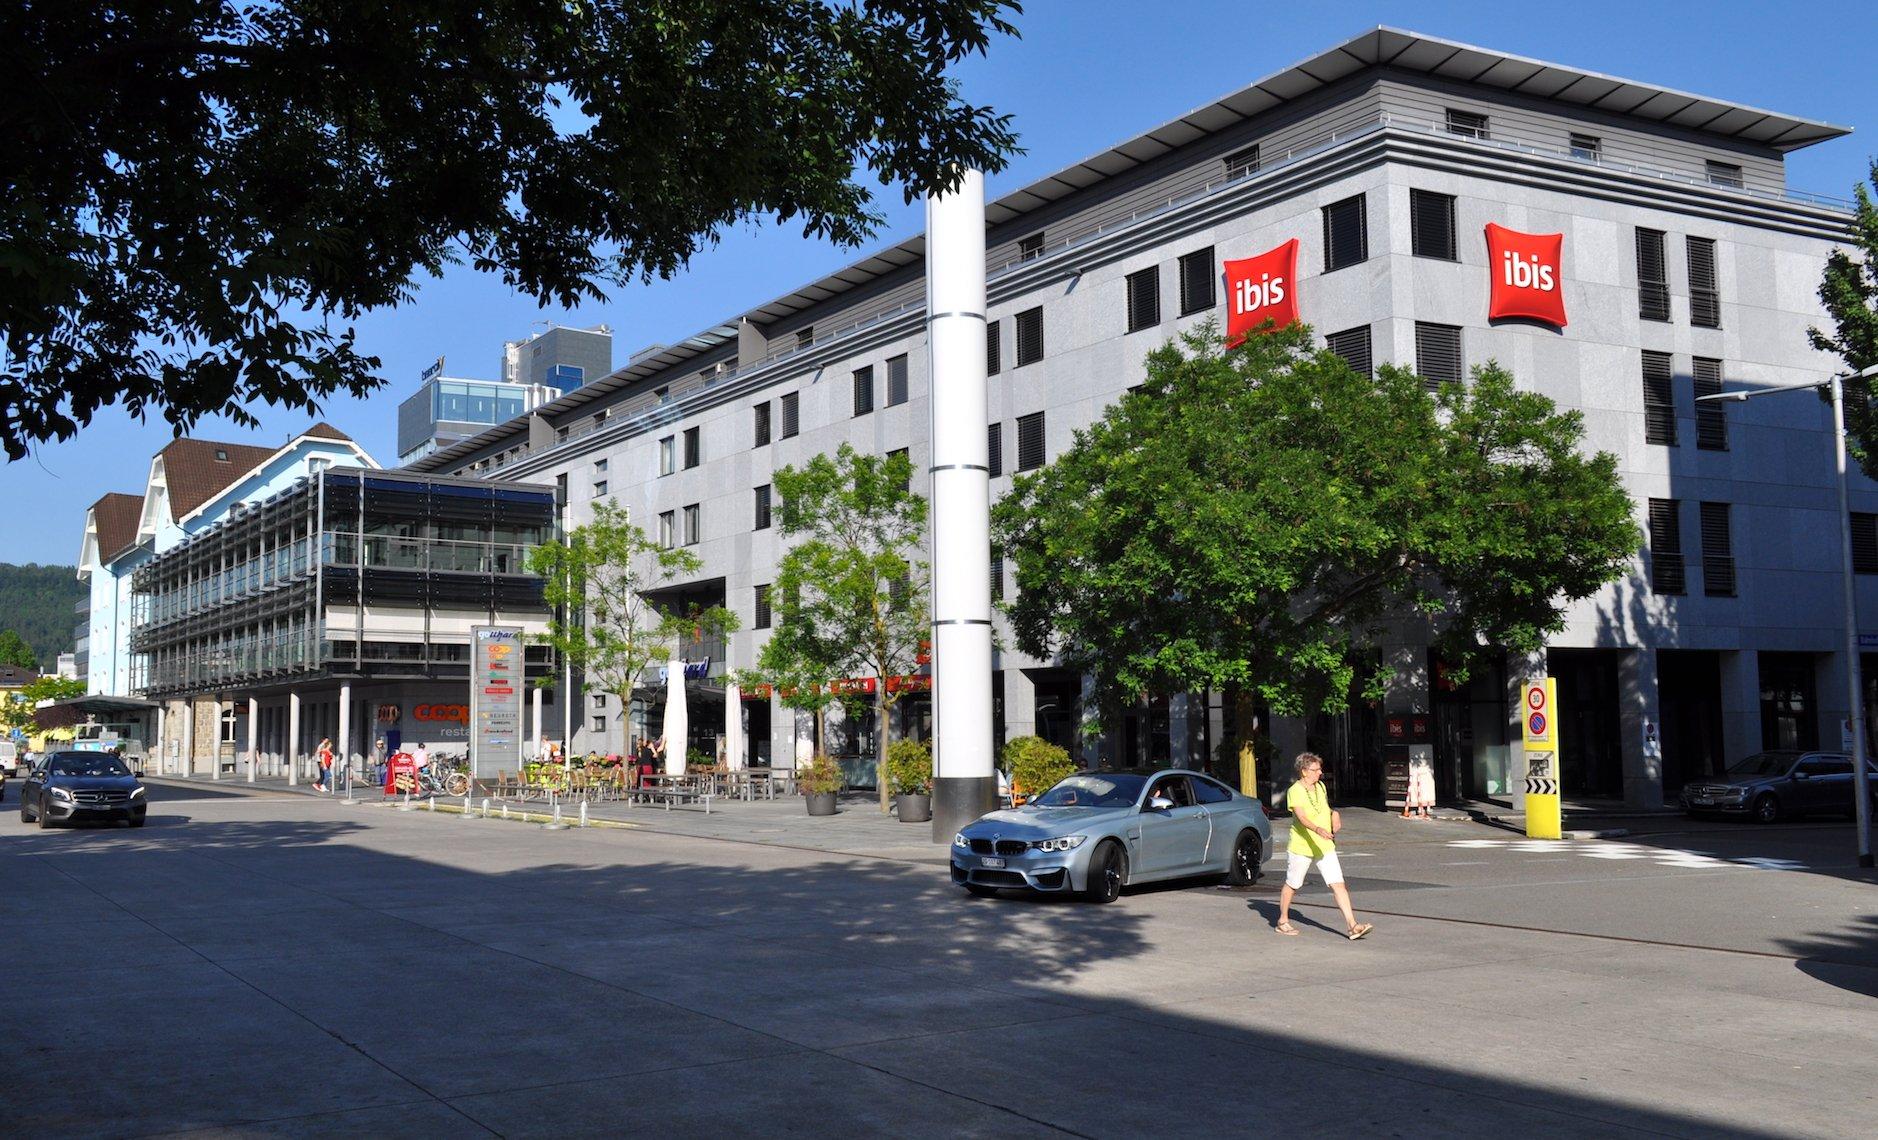 Der Bahnhofplatz von Baar mit dem Hotel Ibis.